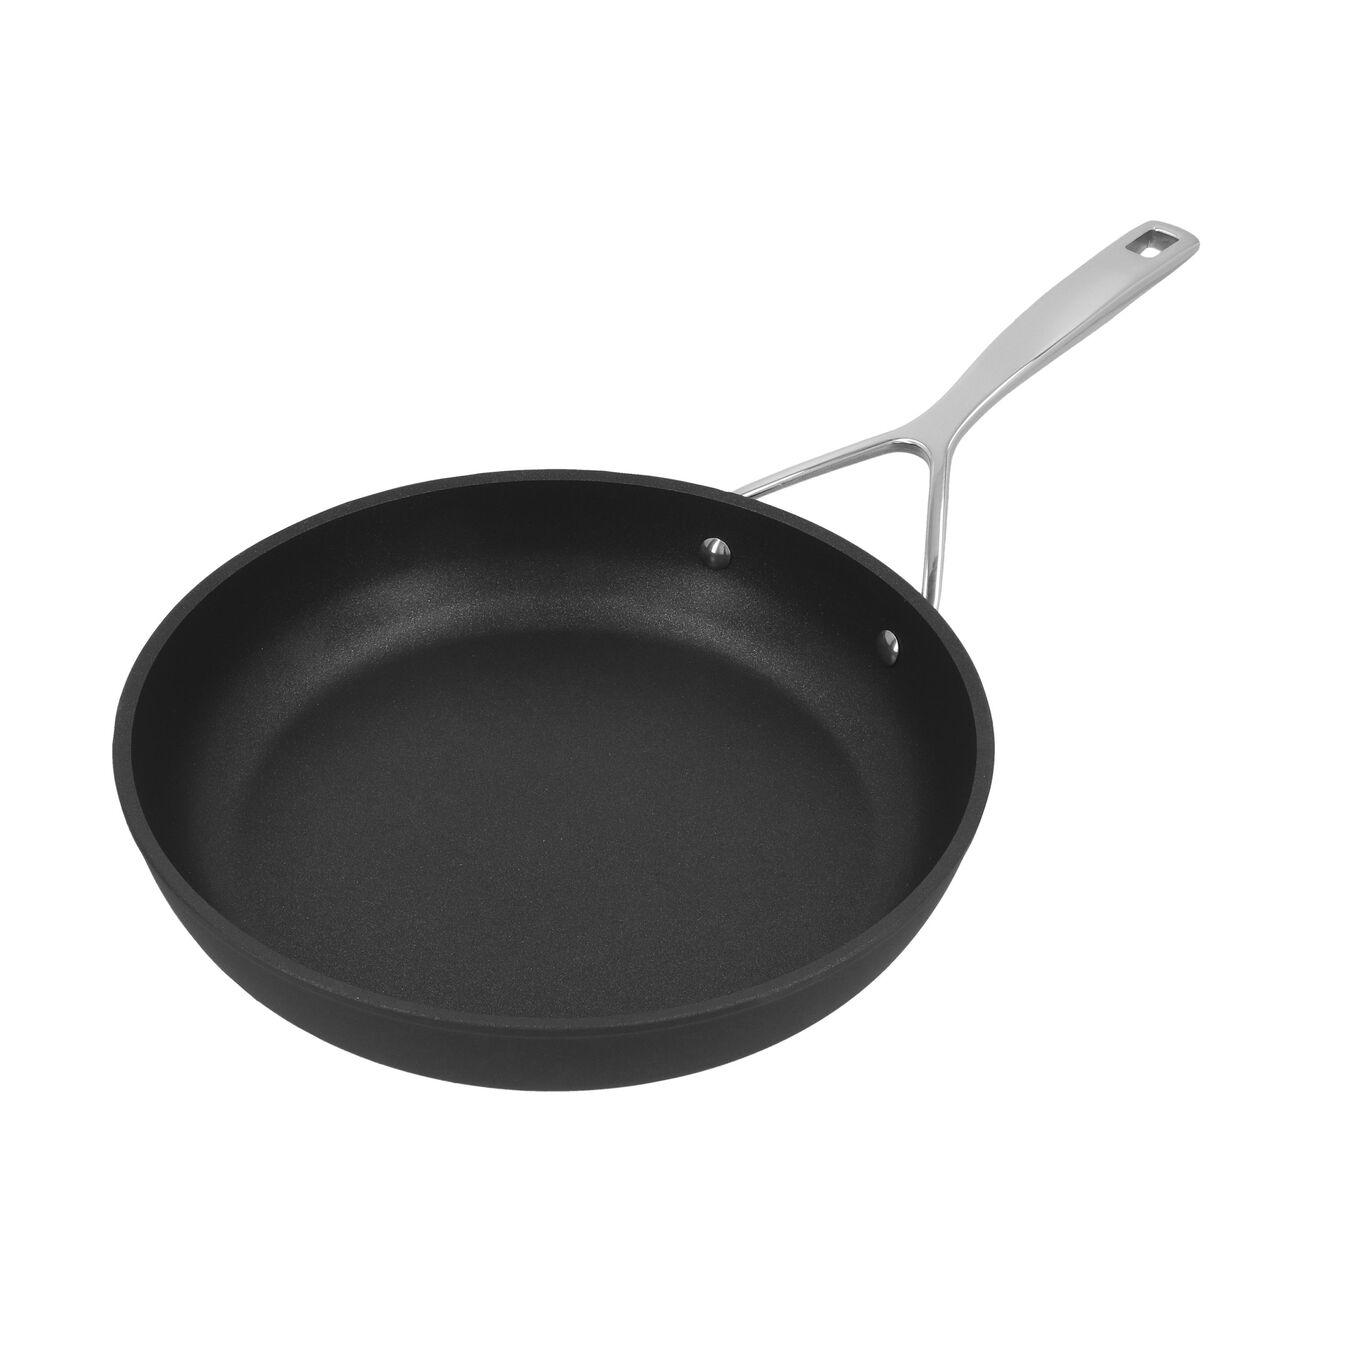 Koekenpan Zilver-zwart 26 cm,,large 2